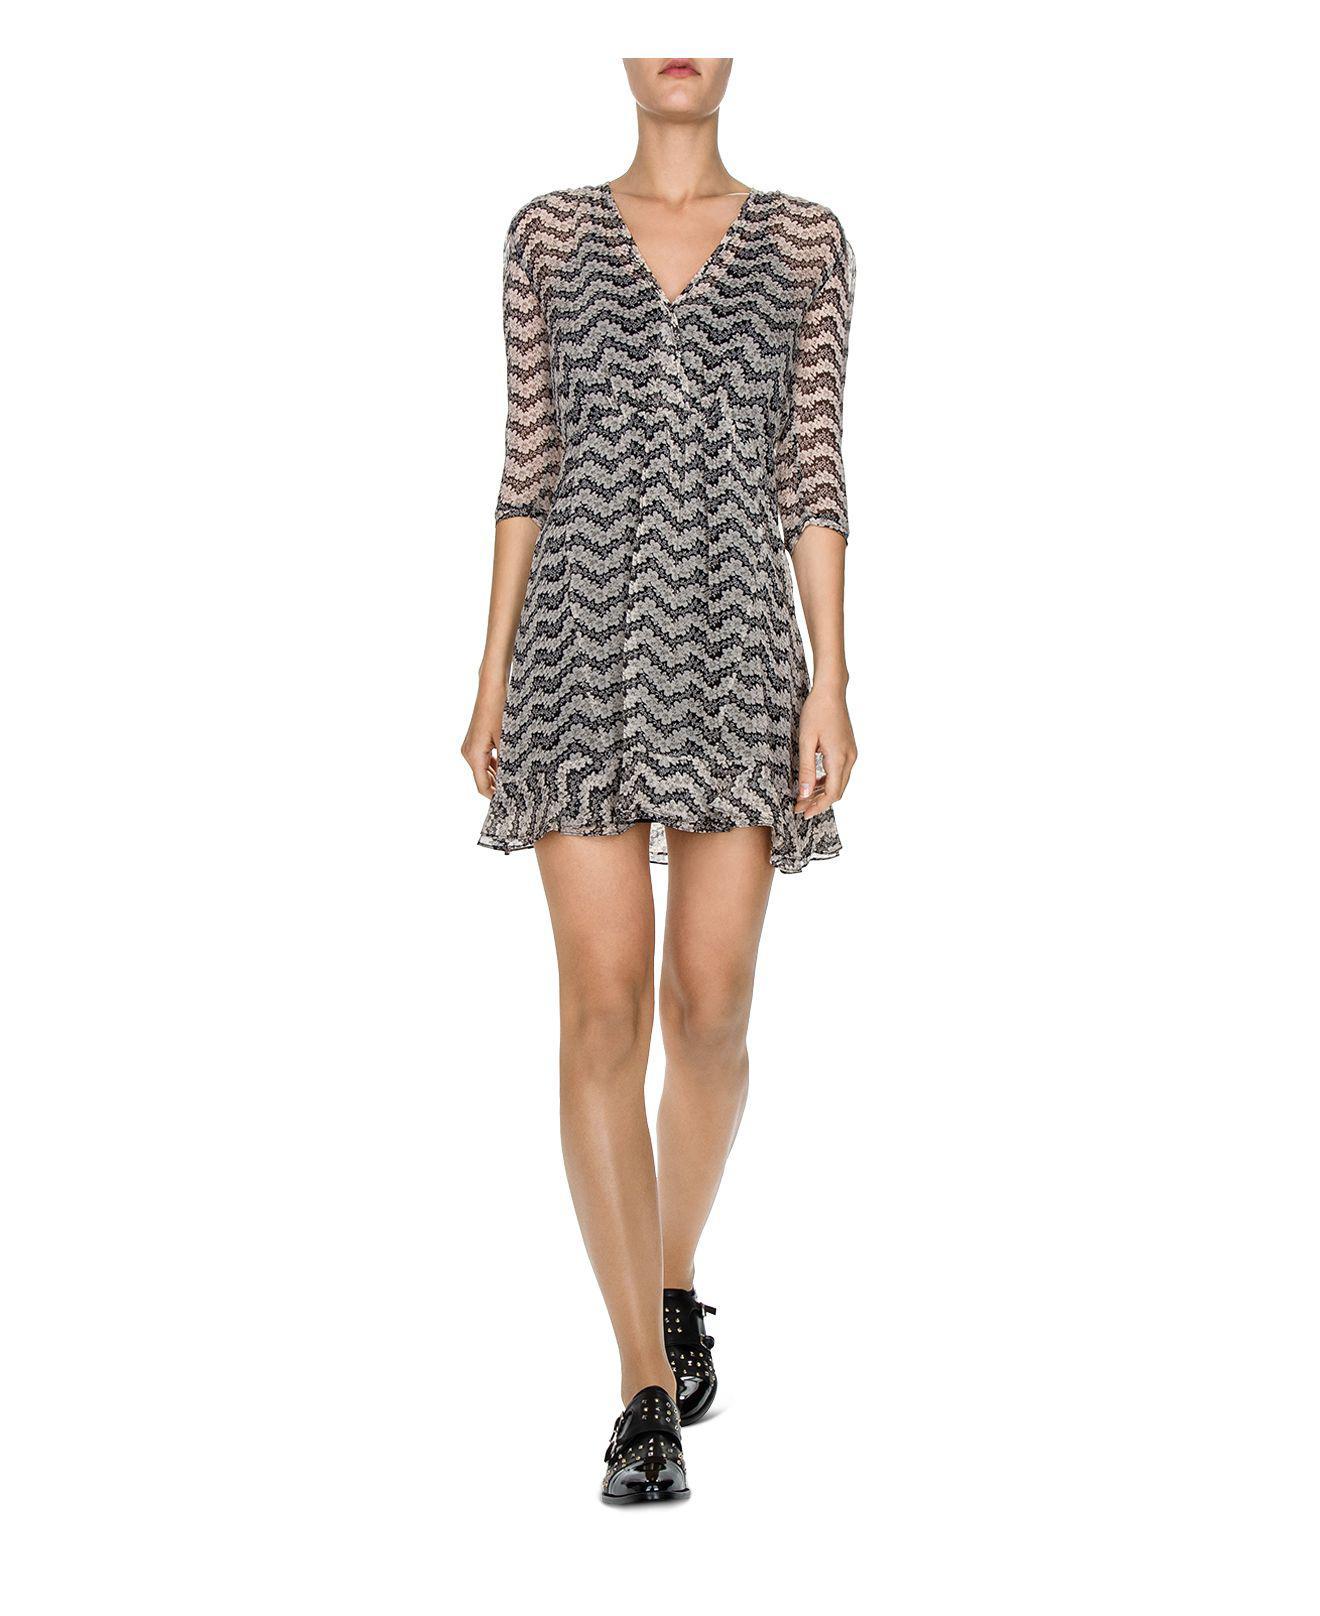 0fdc3050fd0 The Kooples Jasmine-print Silk Dress in Black - Lyst